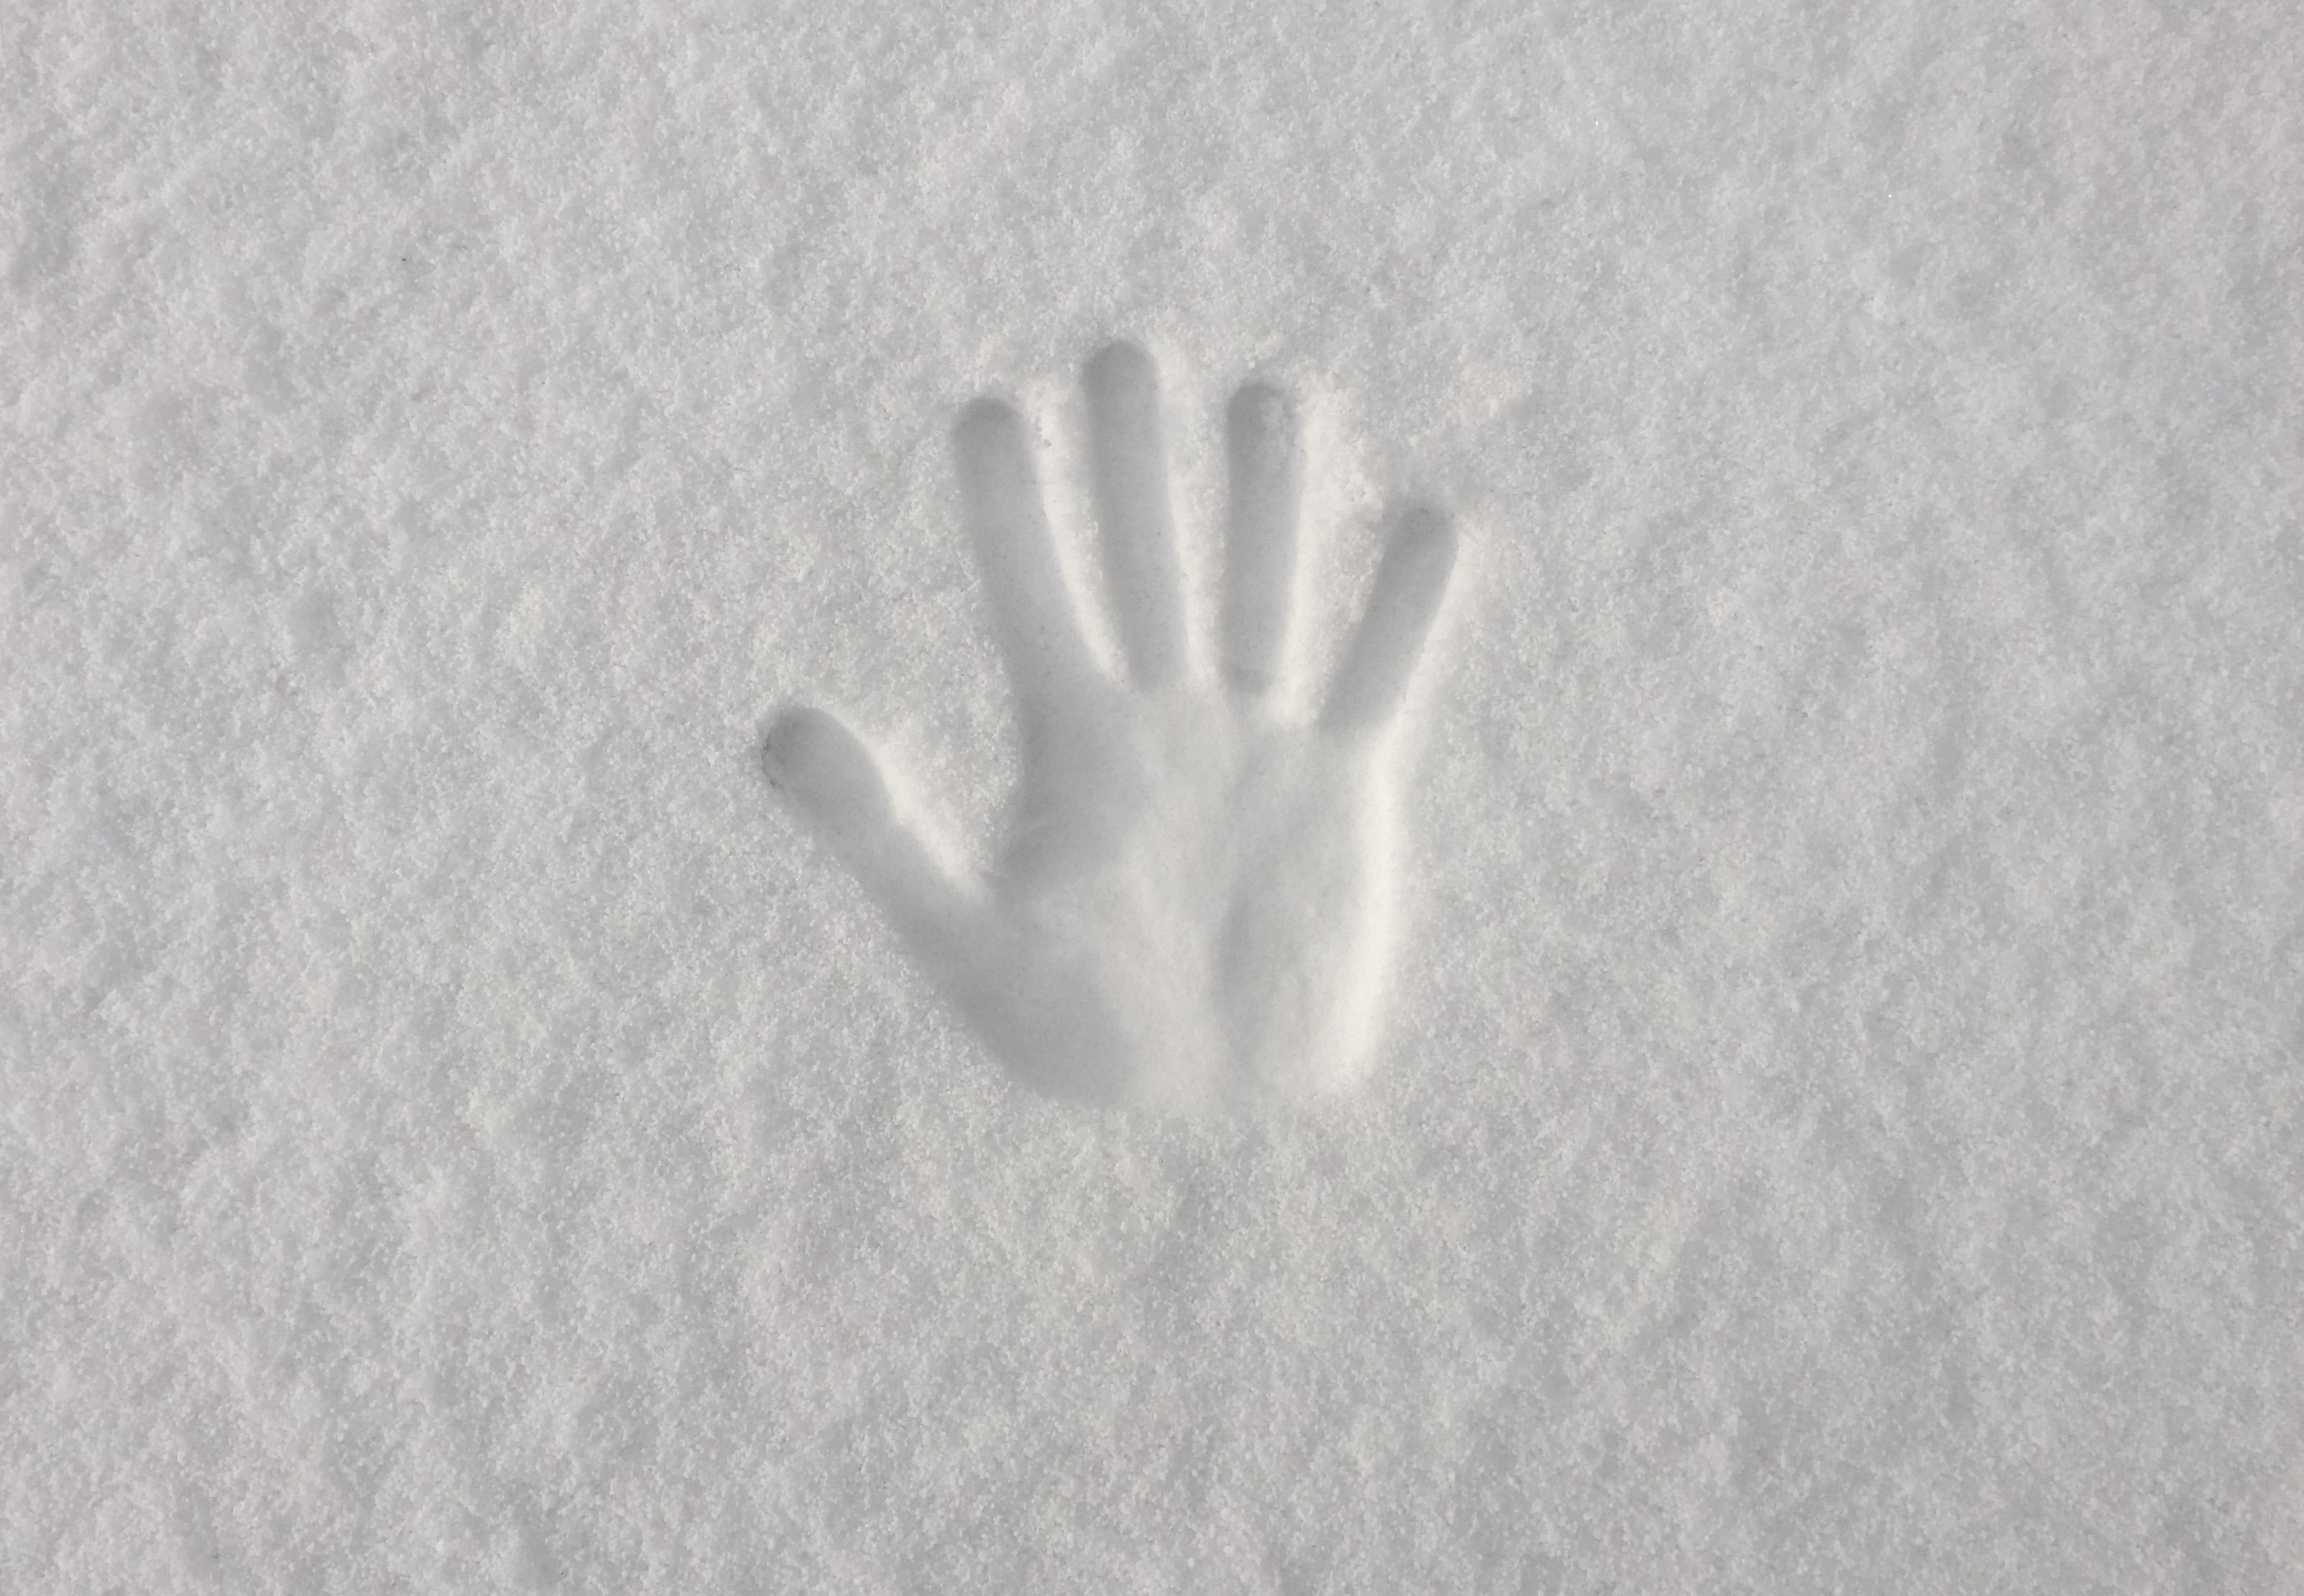 Fotos Gratis Mano Nieve Invierno Ala Blanco Escarcha Dedo